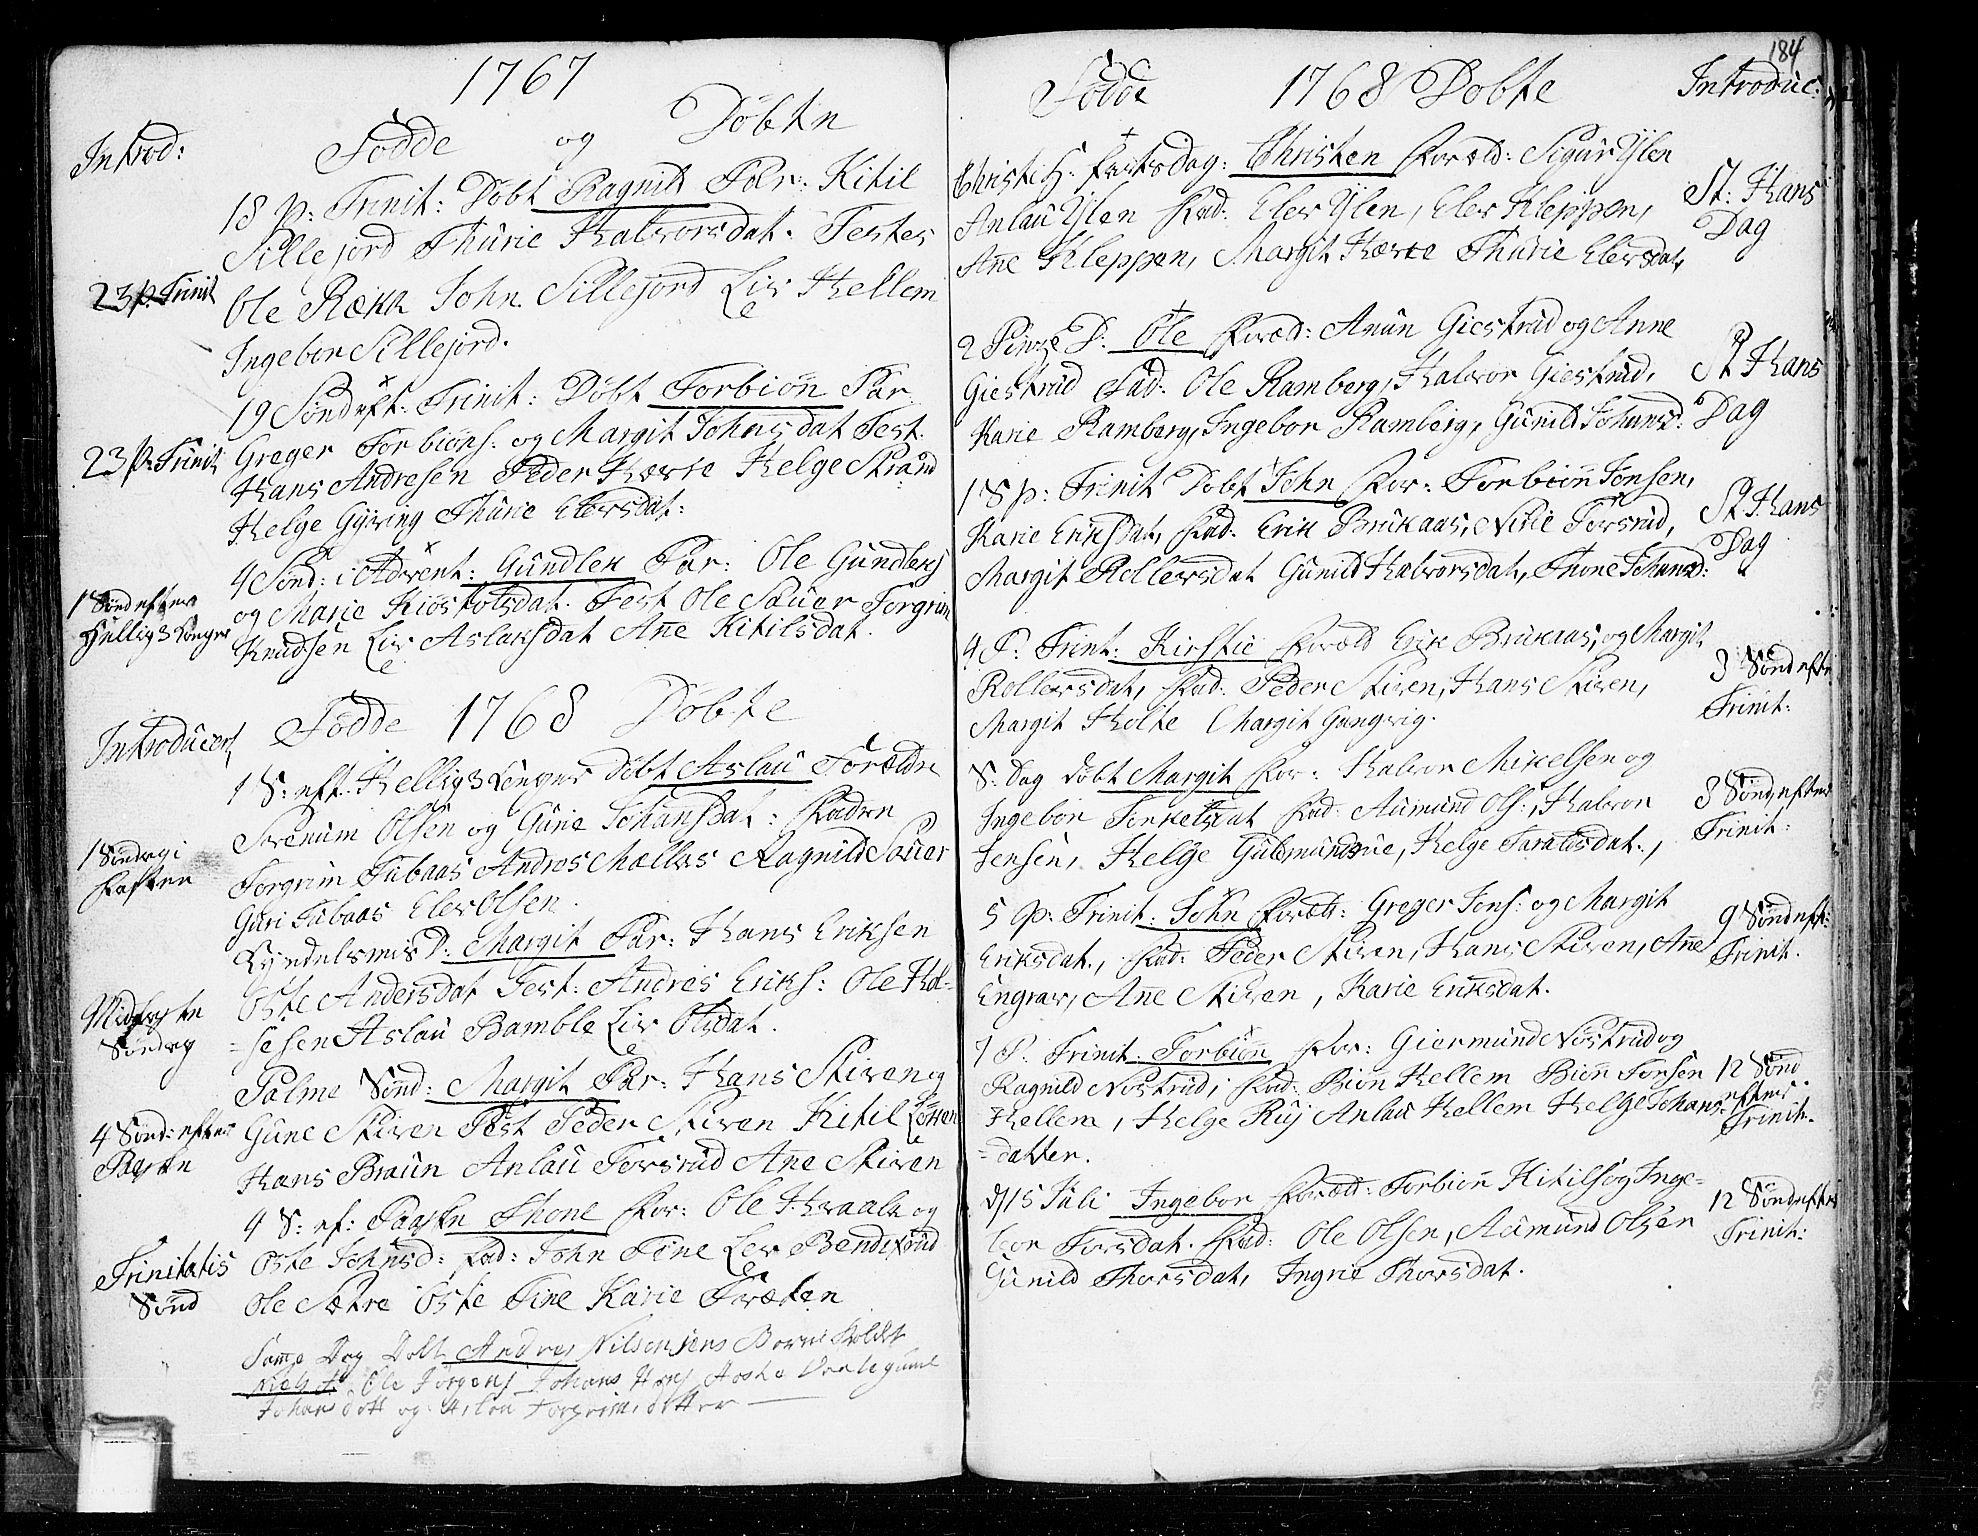 SAKO, Heddal kirkebøker, F/Fa/L0003: Ministerialbok nr. I 3, 1723-1783, s. 184